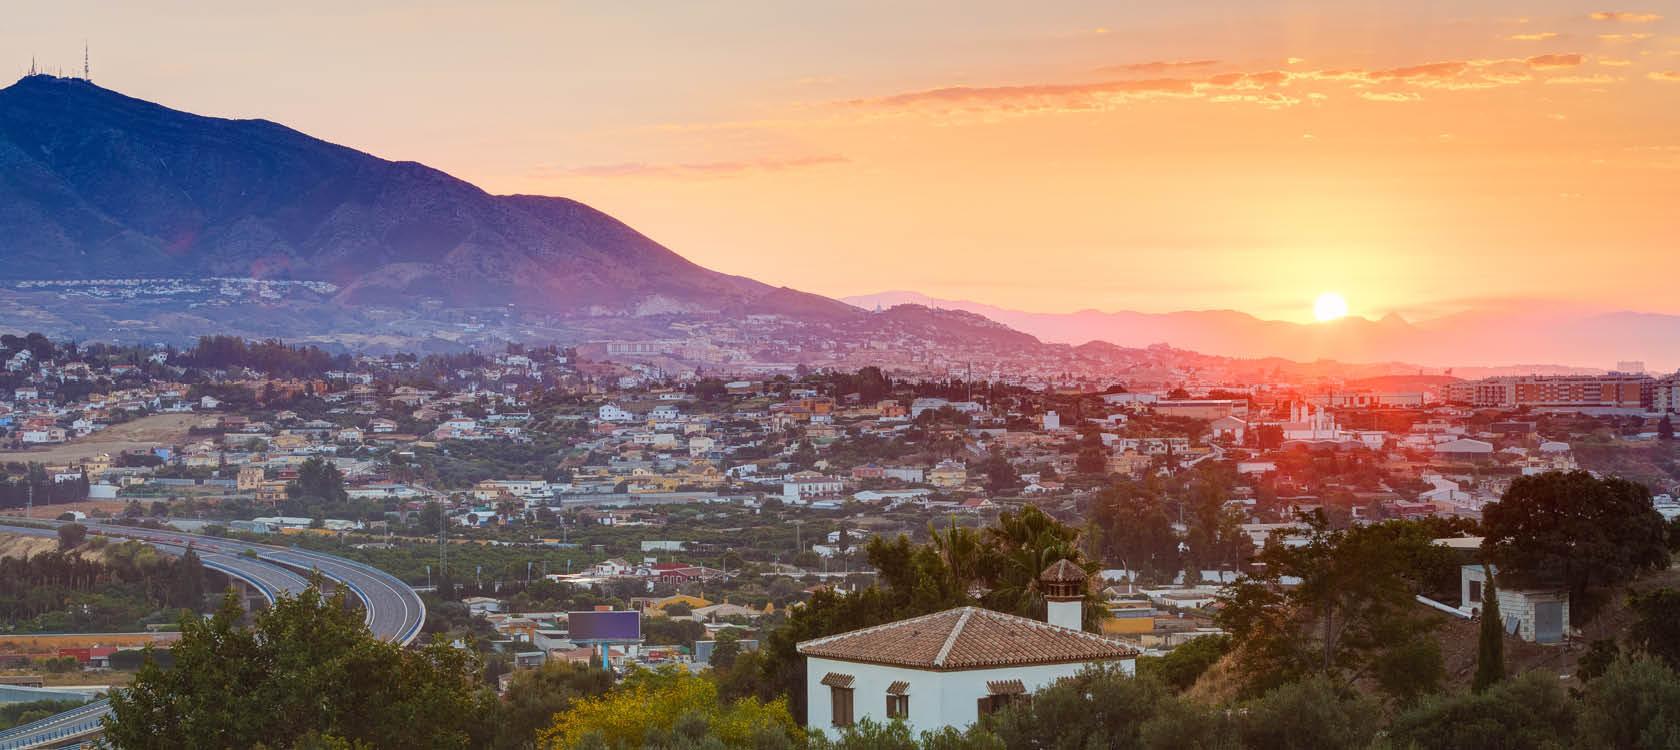 Solnedgång över bergen och de vita husen i Andalusien, södra Spanien.